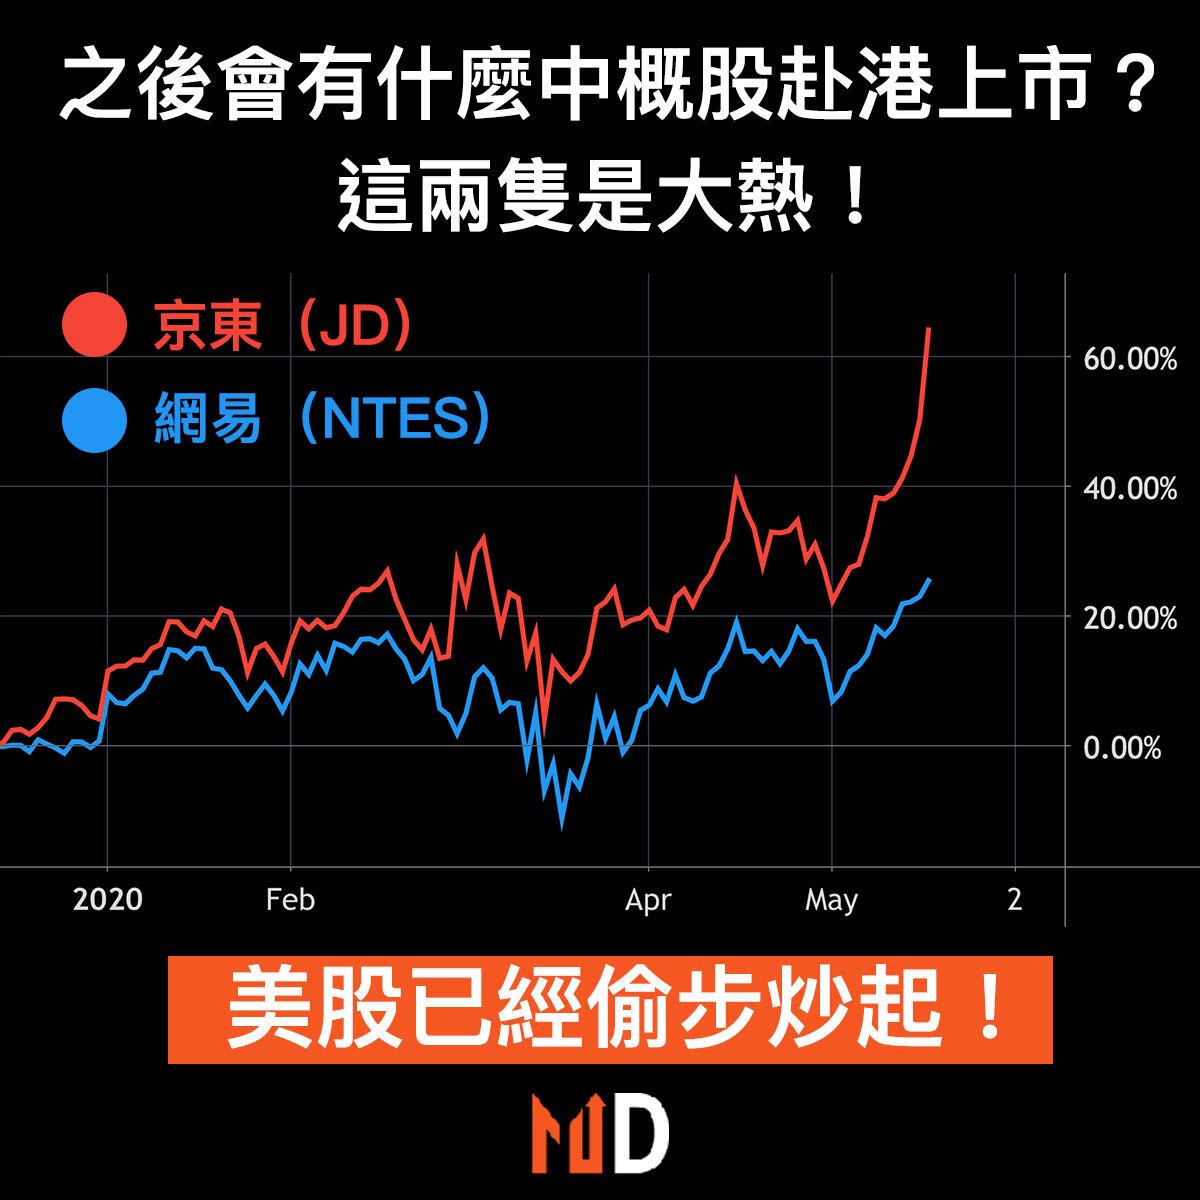 【秒懂股市】京東及網易為赴港第二上市大熱門,兩股在美市偷步炒起